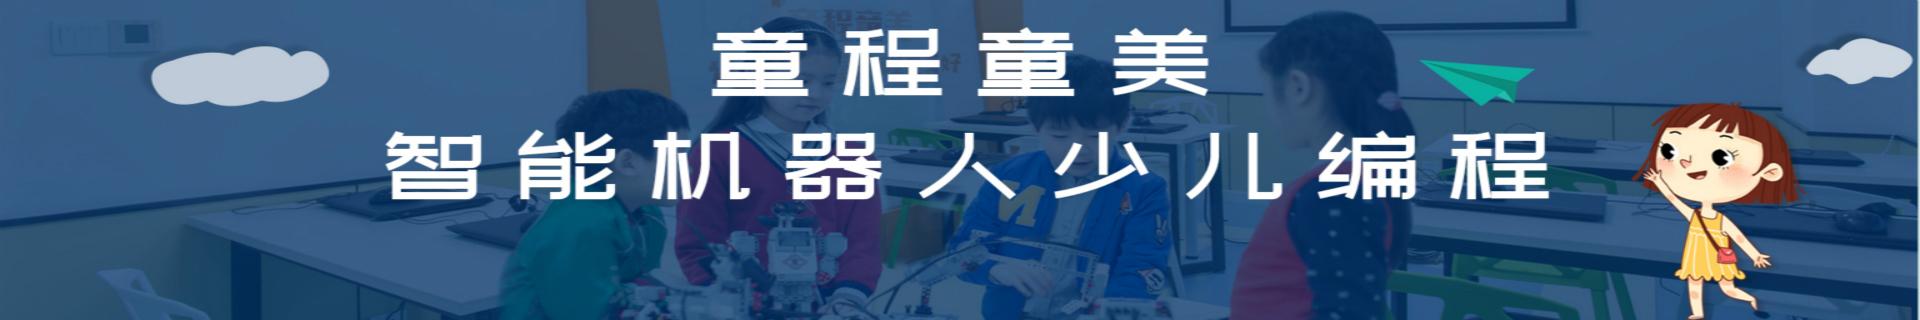 广州花都童程童美少儿编程培训